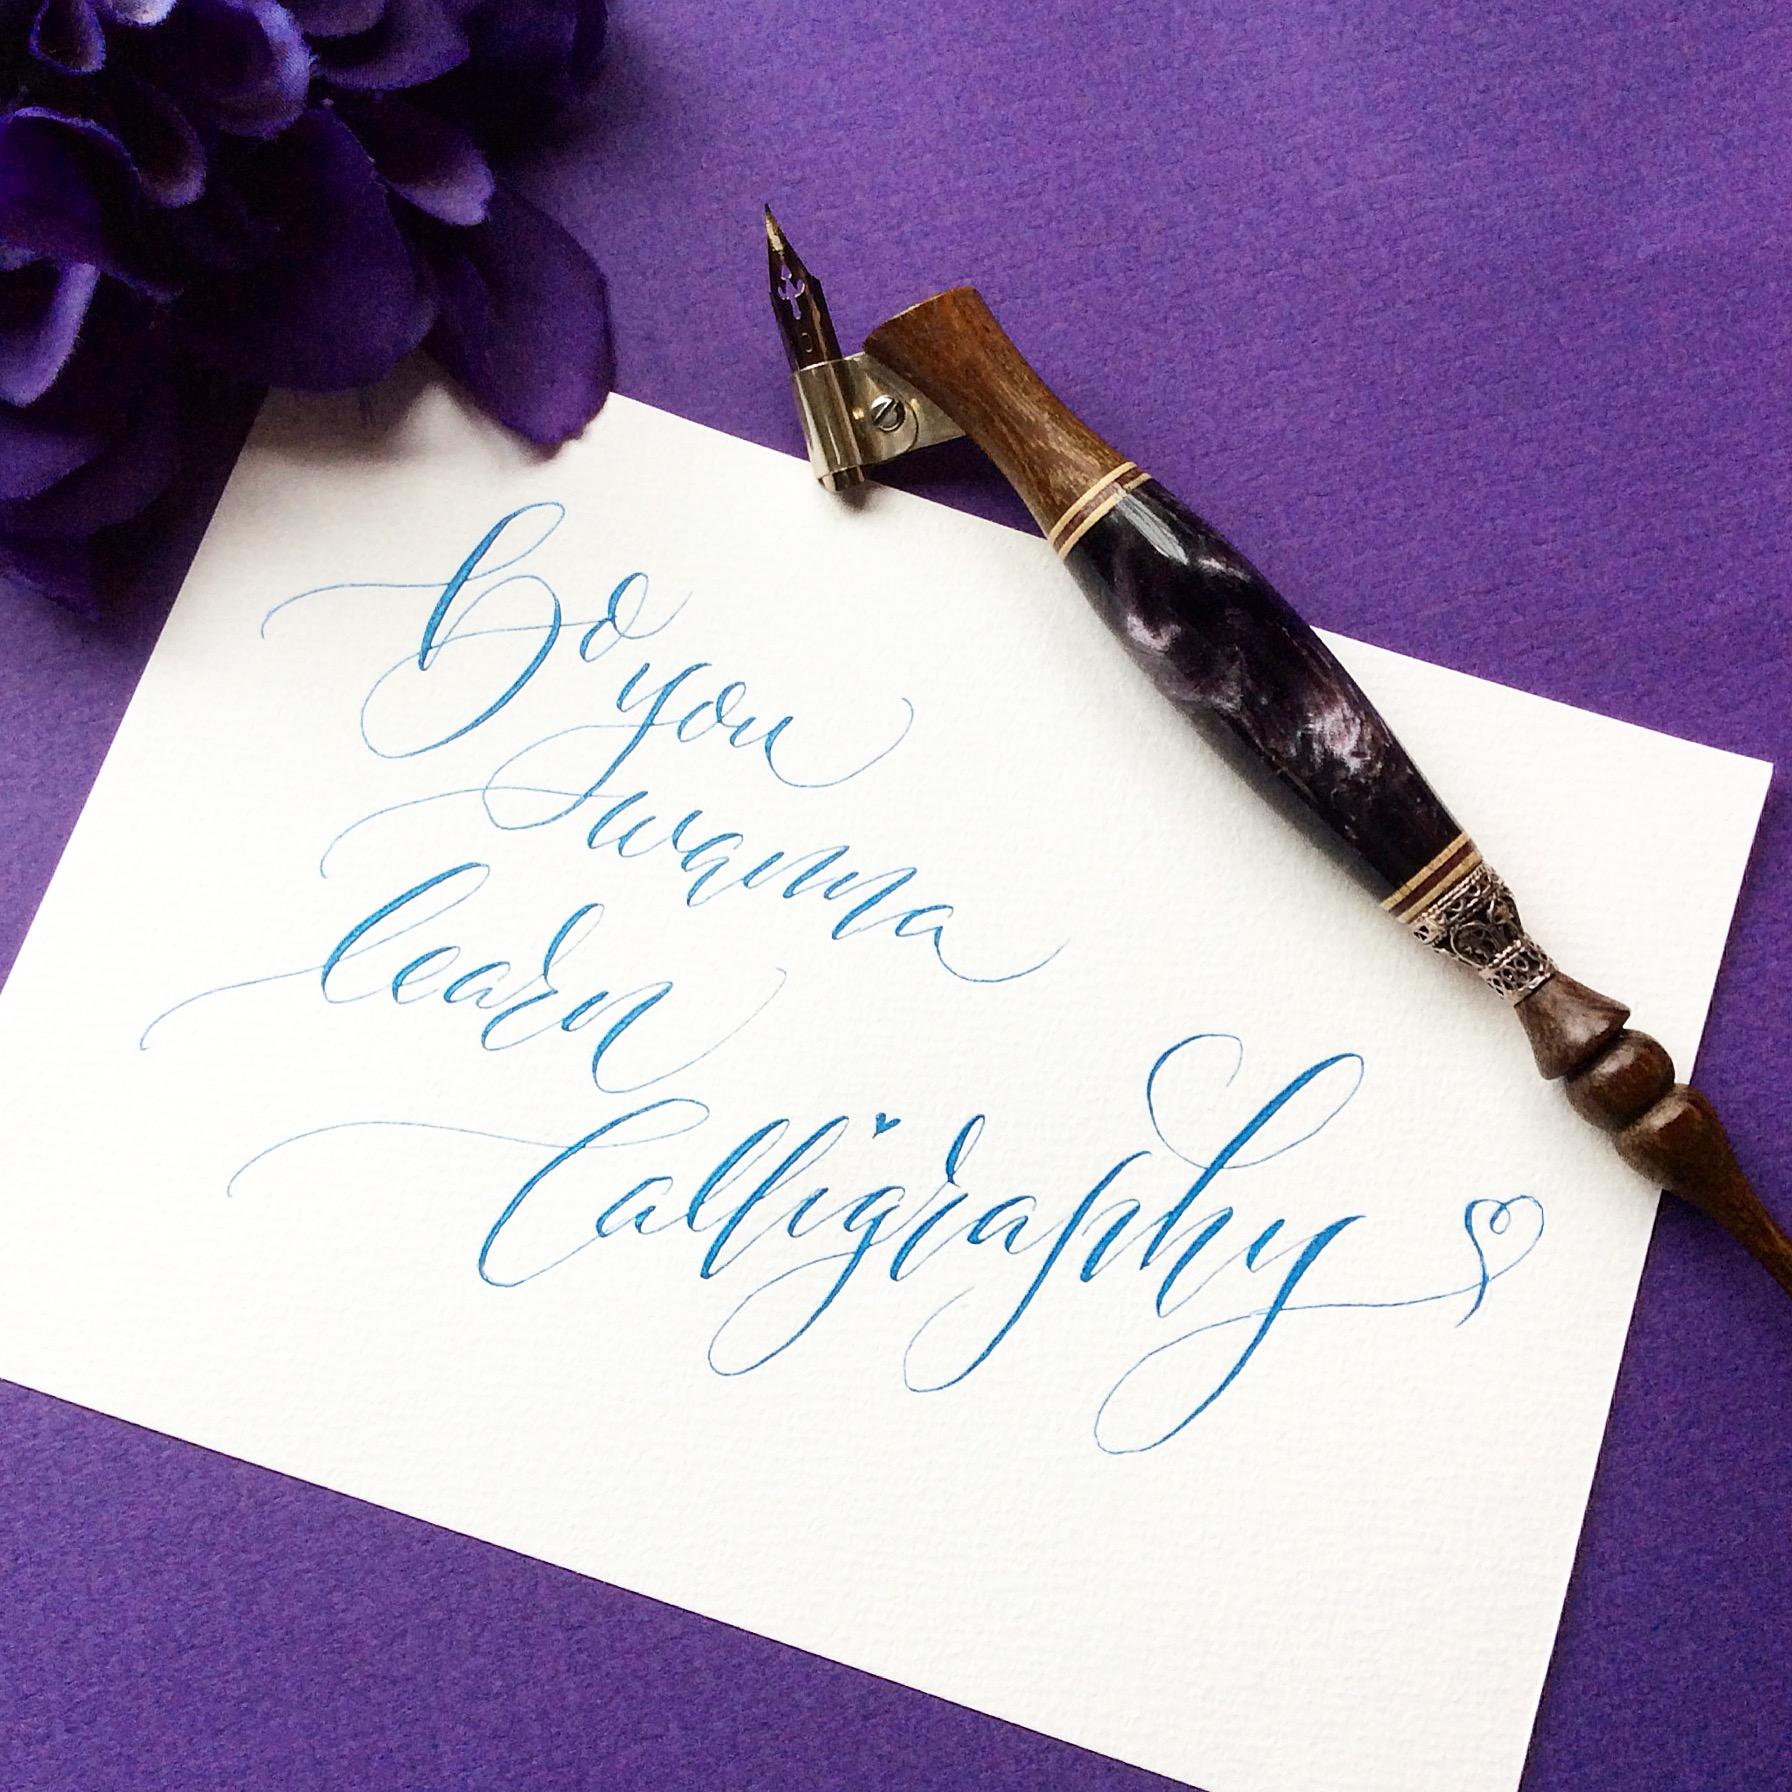 Do you wanna learn Calligraphy?